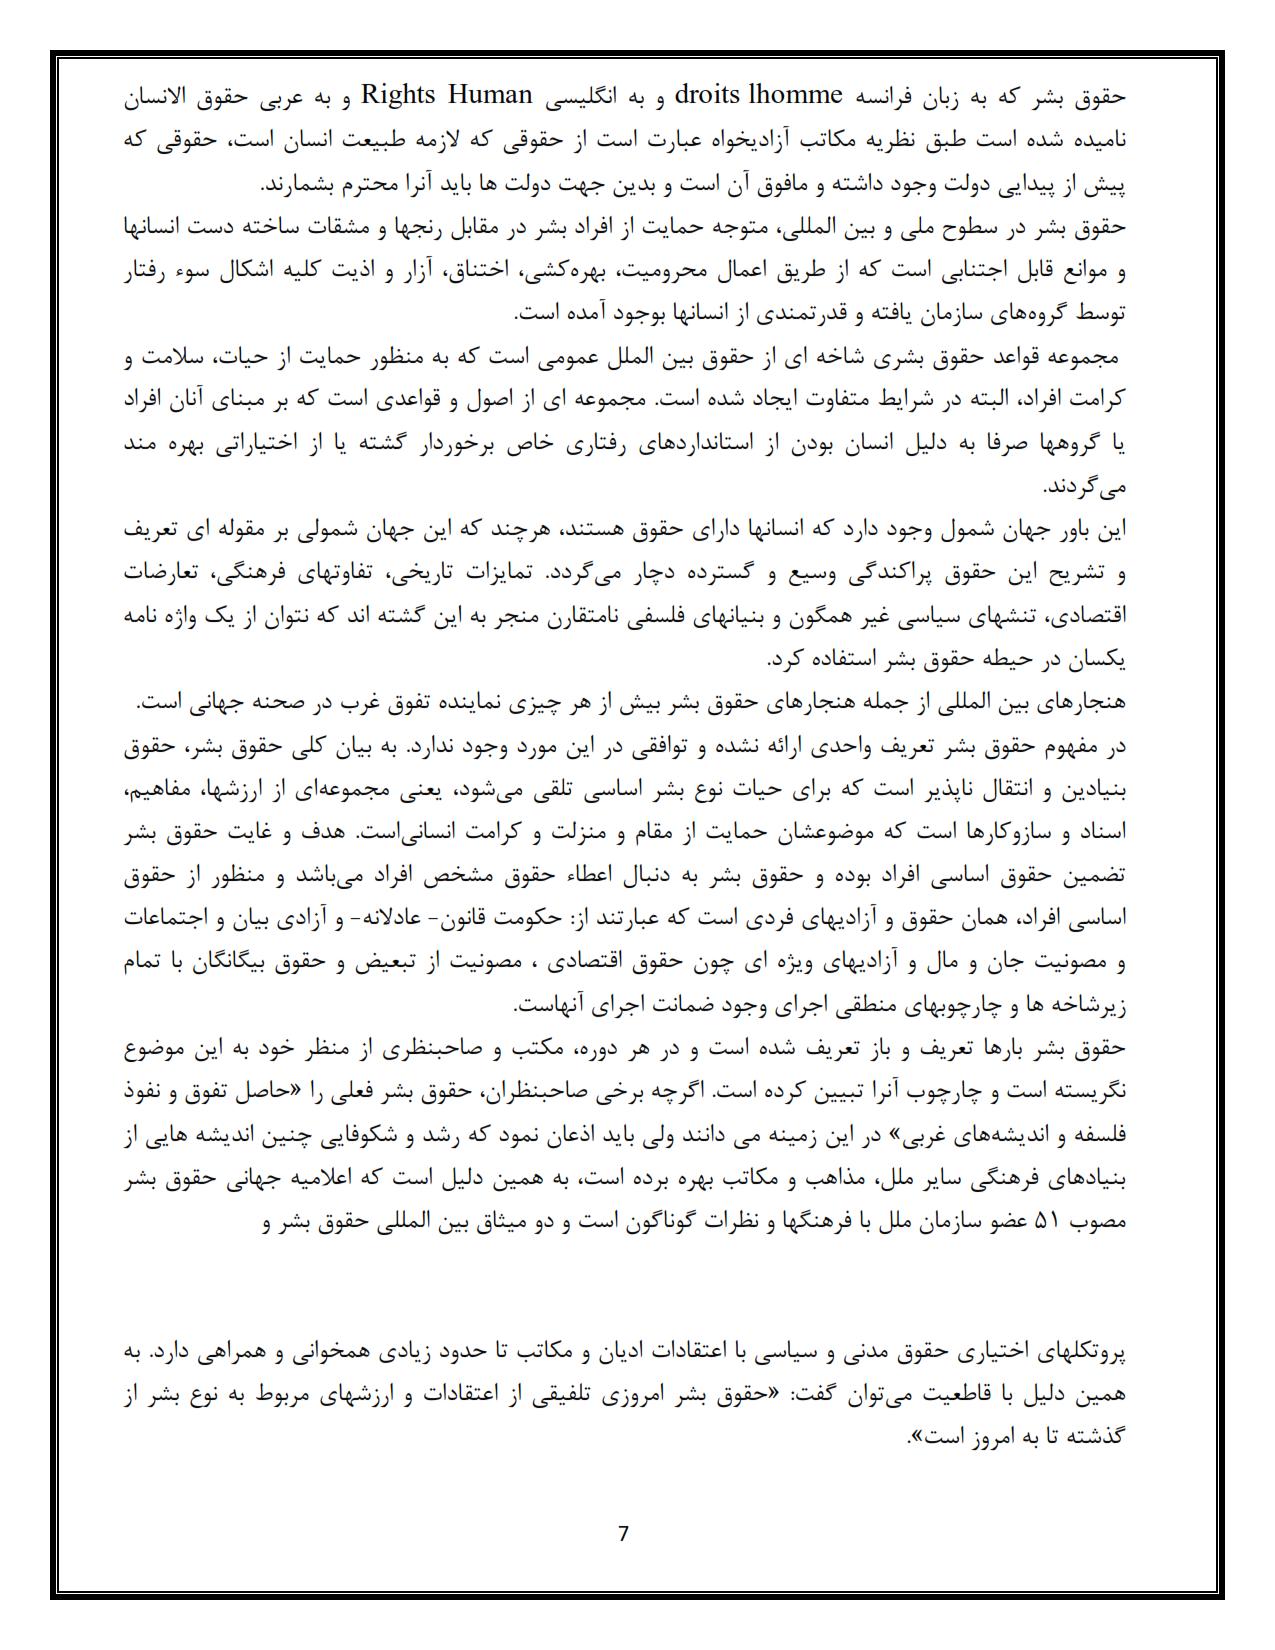 دانلود جزوه خلاصه و کتاب مبانی حقوق بشر در اسلام علی میر موسوی و صادق حقیقت pdf + نمونه سوالات تستی پی دی اف سوال های امتحانی با جواب